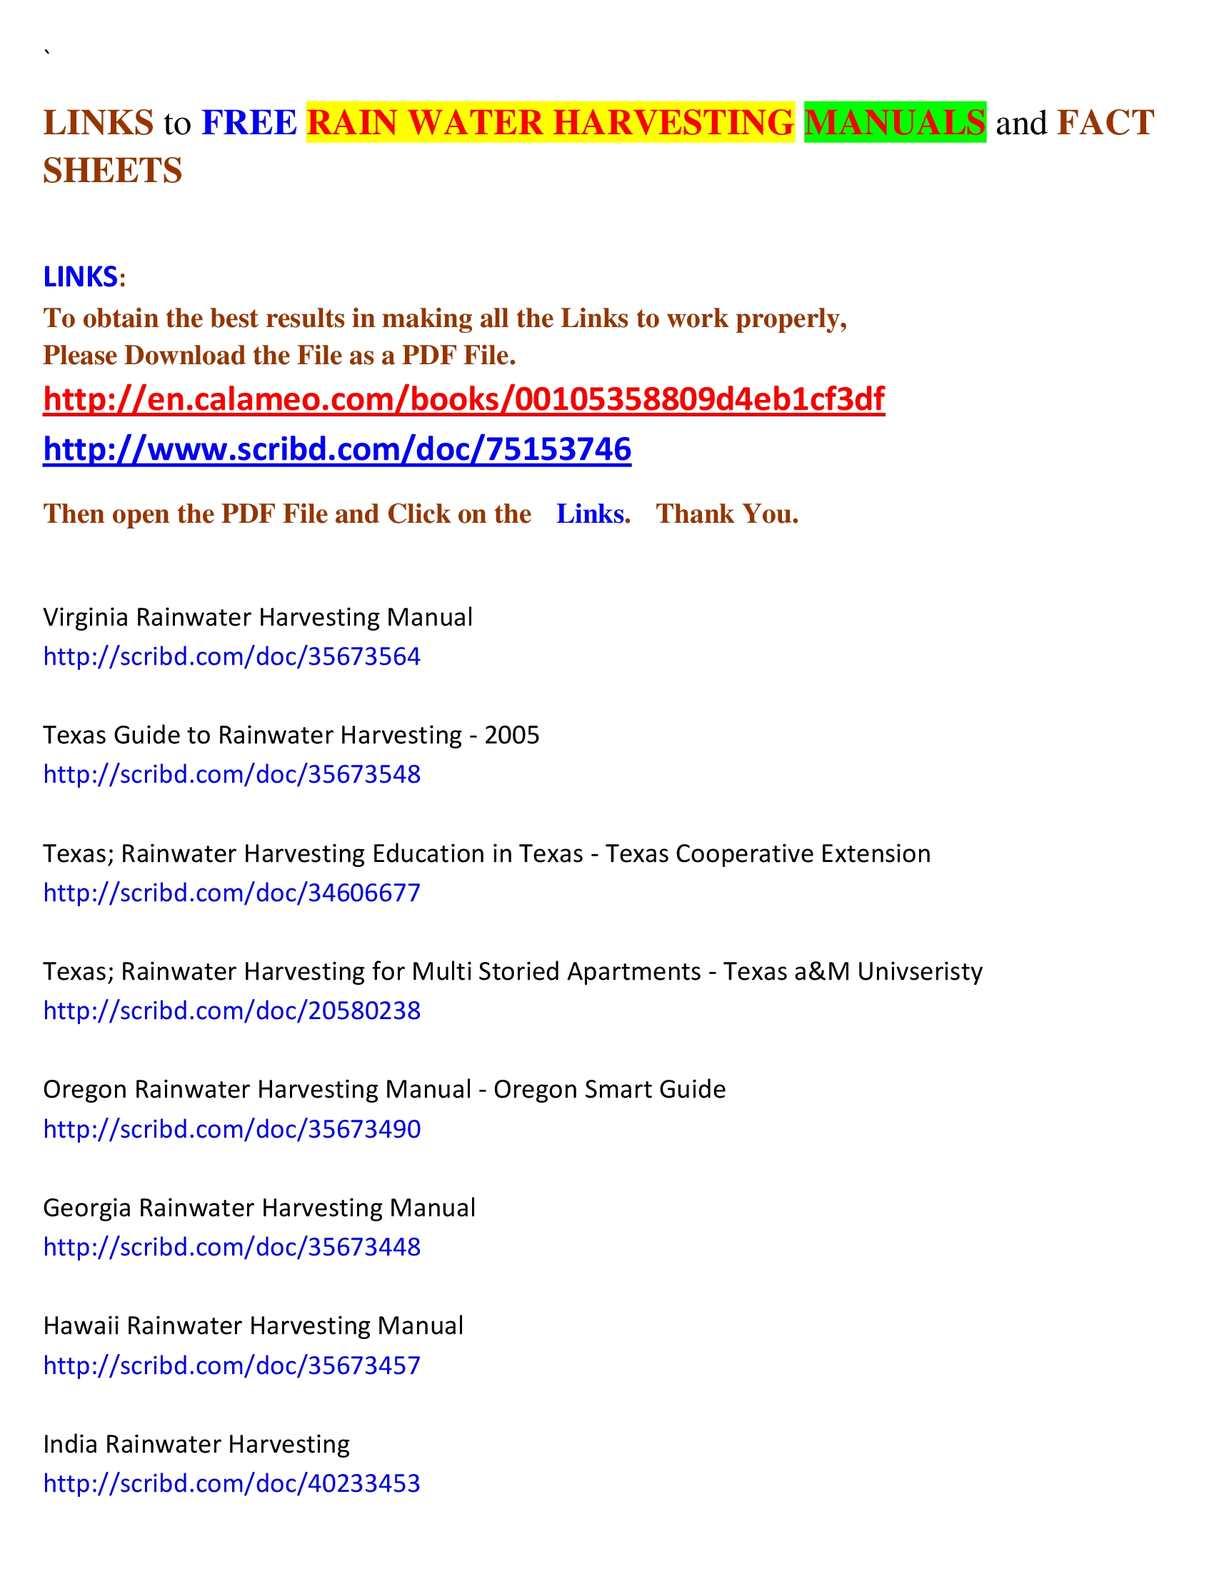 Calameo Free Rain Water Harvesting Manuals And Fact Sheets